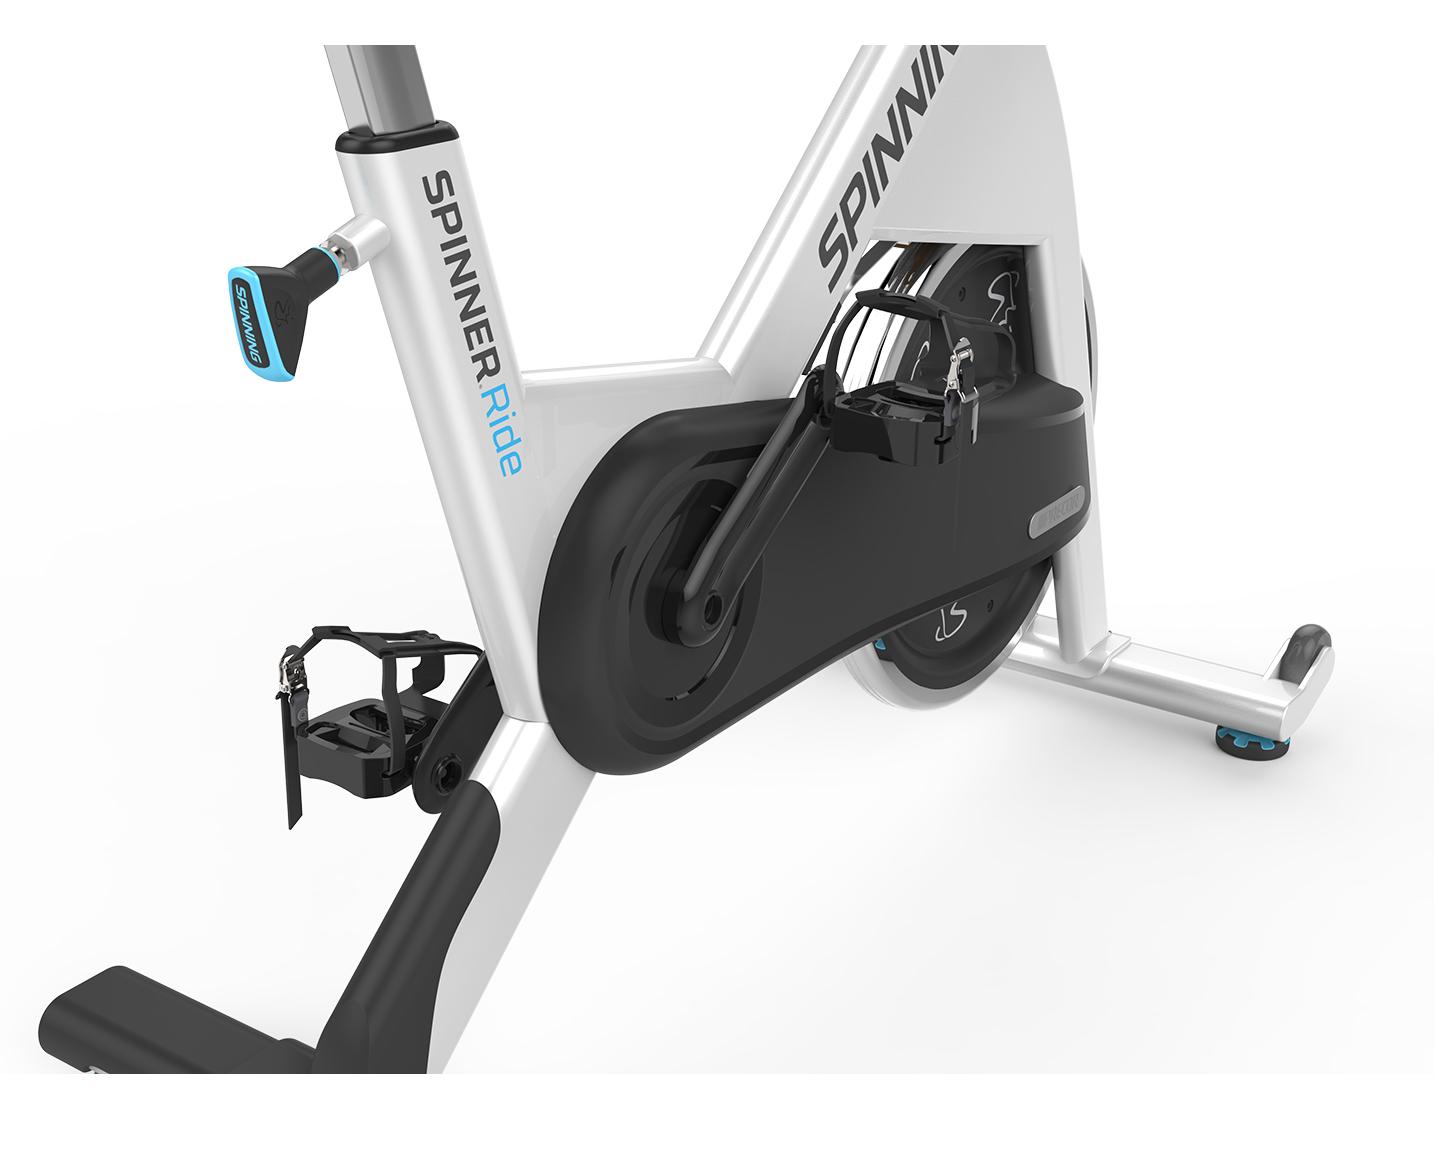 Precor Spinning Spinner Ride Ketten- und Riemenantrieb